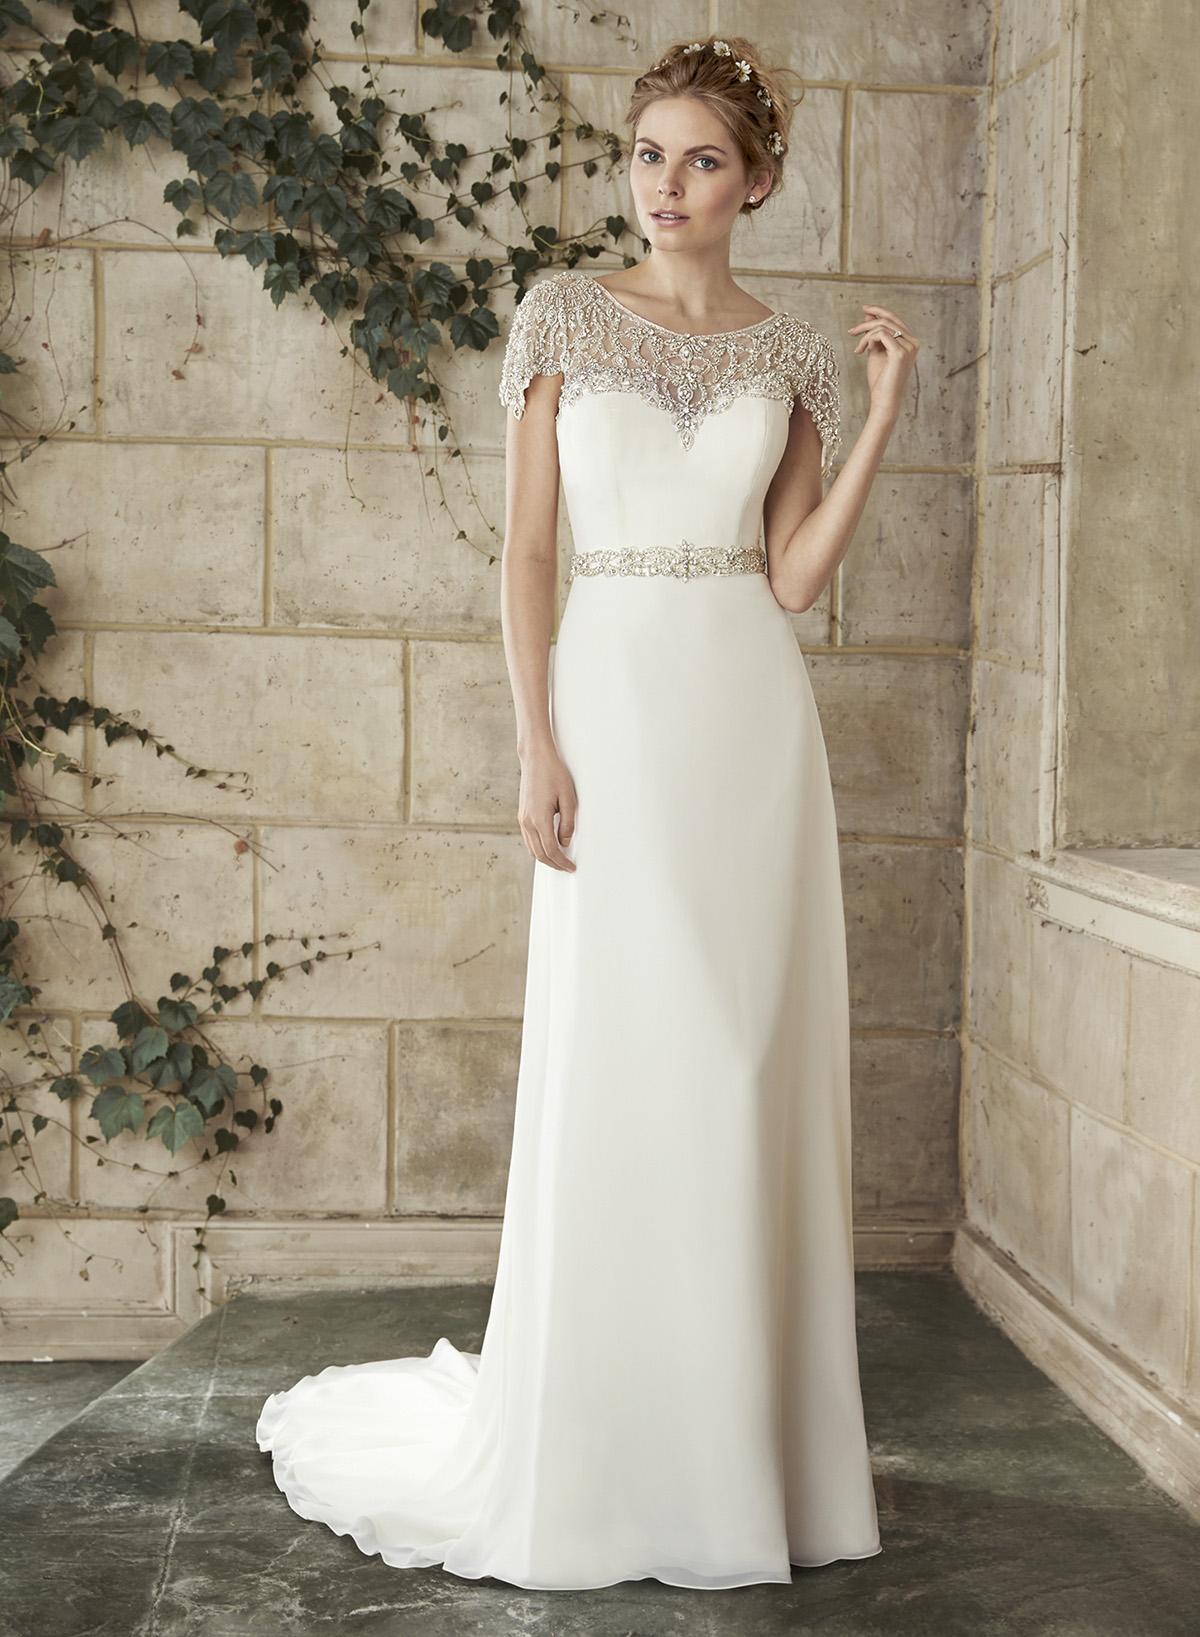 440abf04df3e38d Свадебное платье в греческом стиле с узорчатым верхом